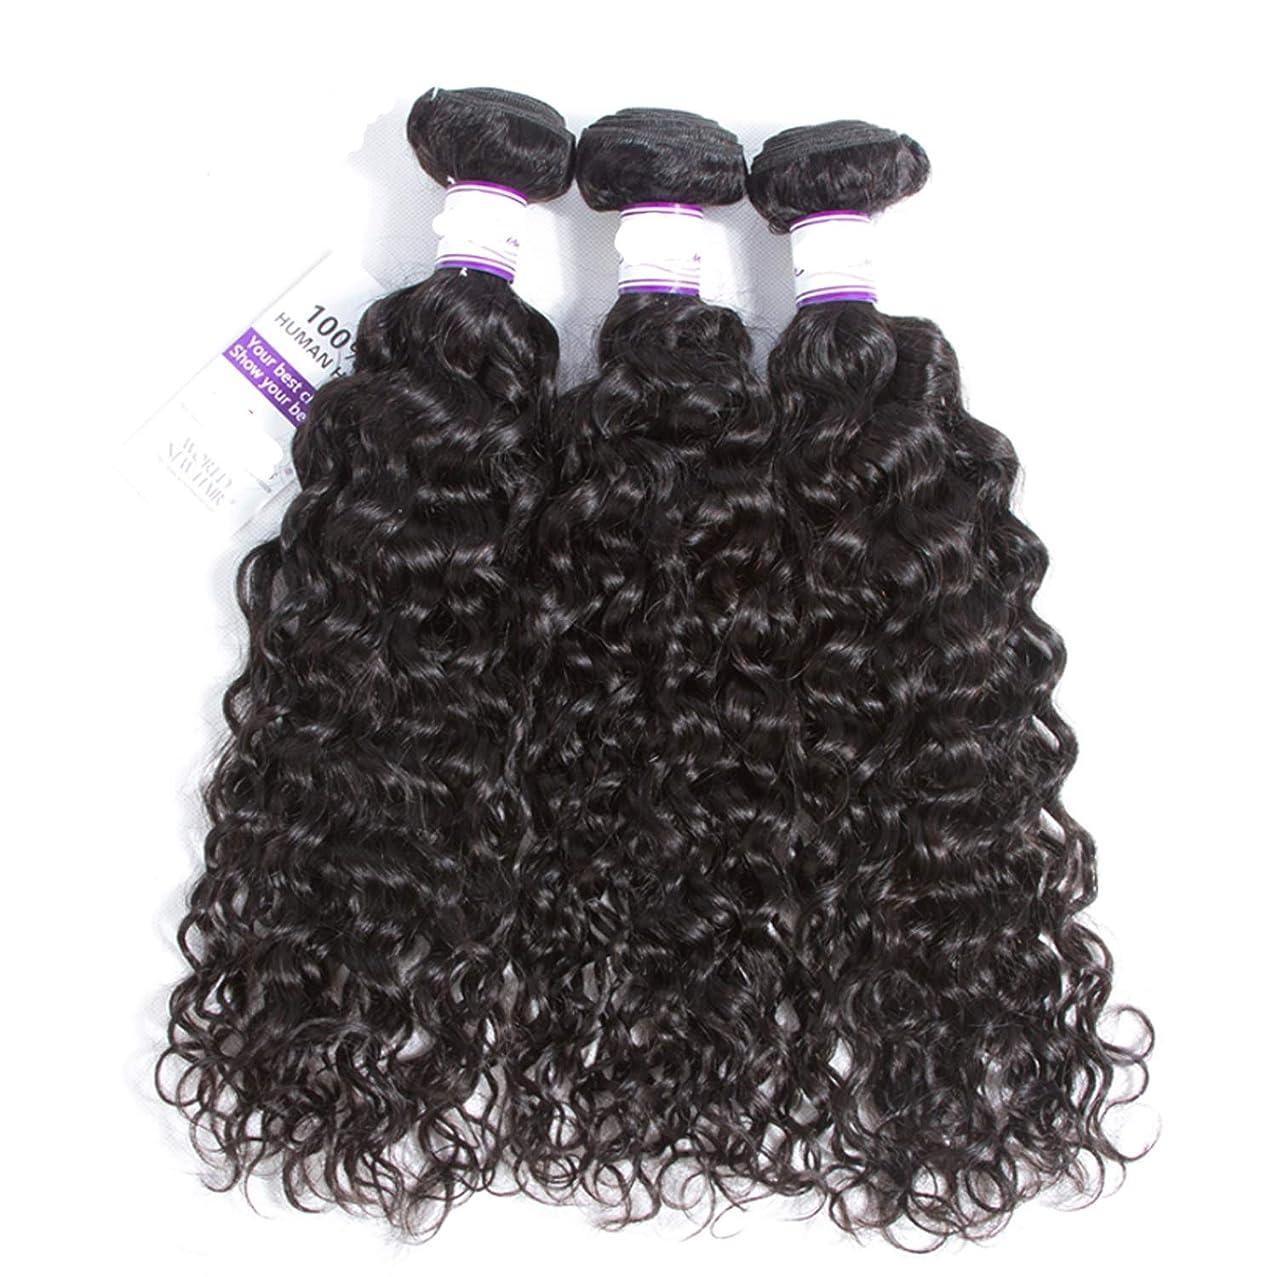 隙間販売員具体的にインドの水波実体髪3バンドル髪織り100%人間のremy髪横糸8-28インチ体毛延長 かつら (Length : 14 16 18)